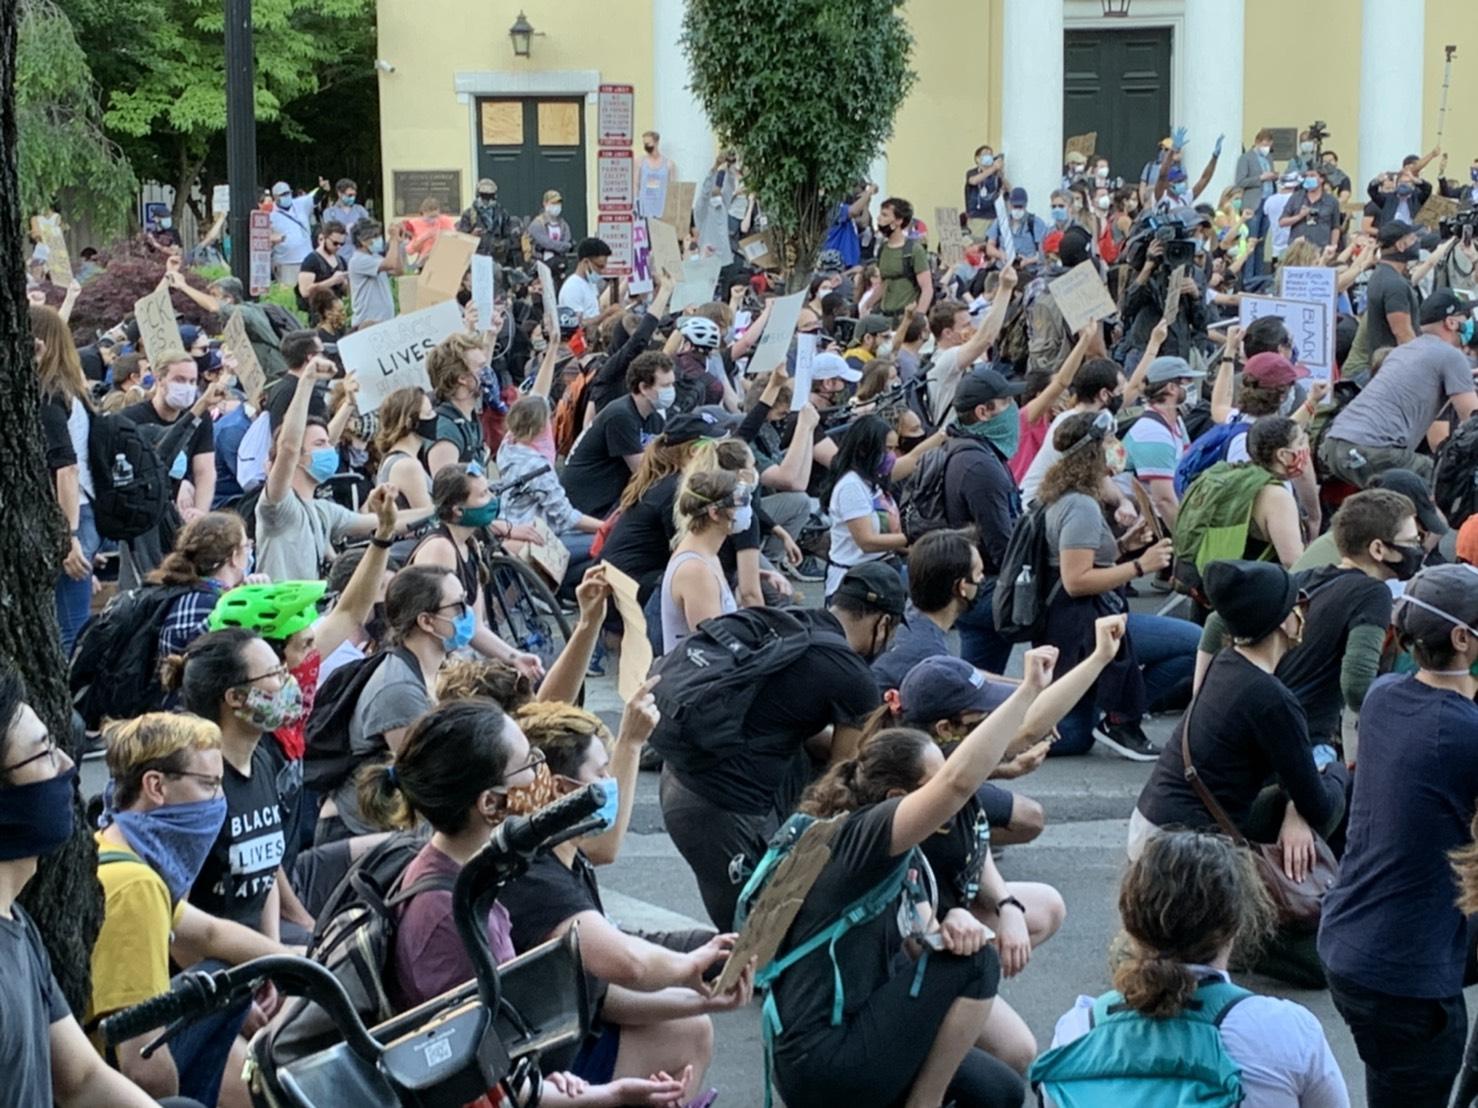 華府民眾2日持續聚集在白宮附近示威。(記者張筠/攝影)